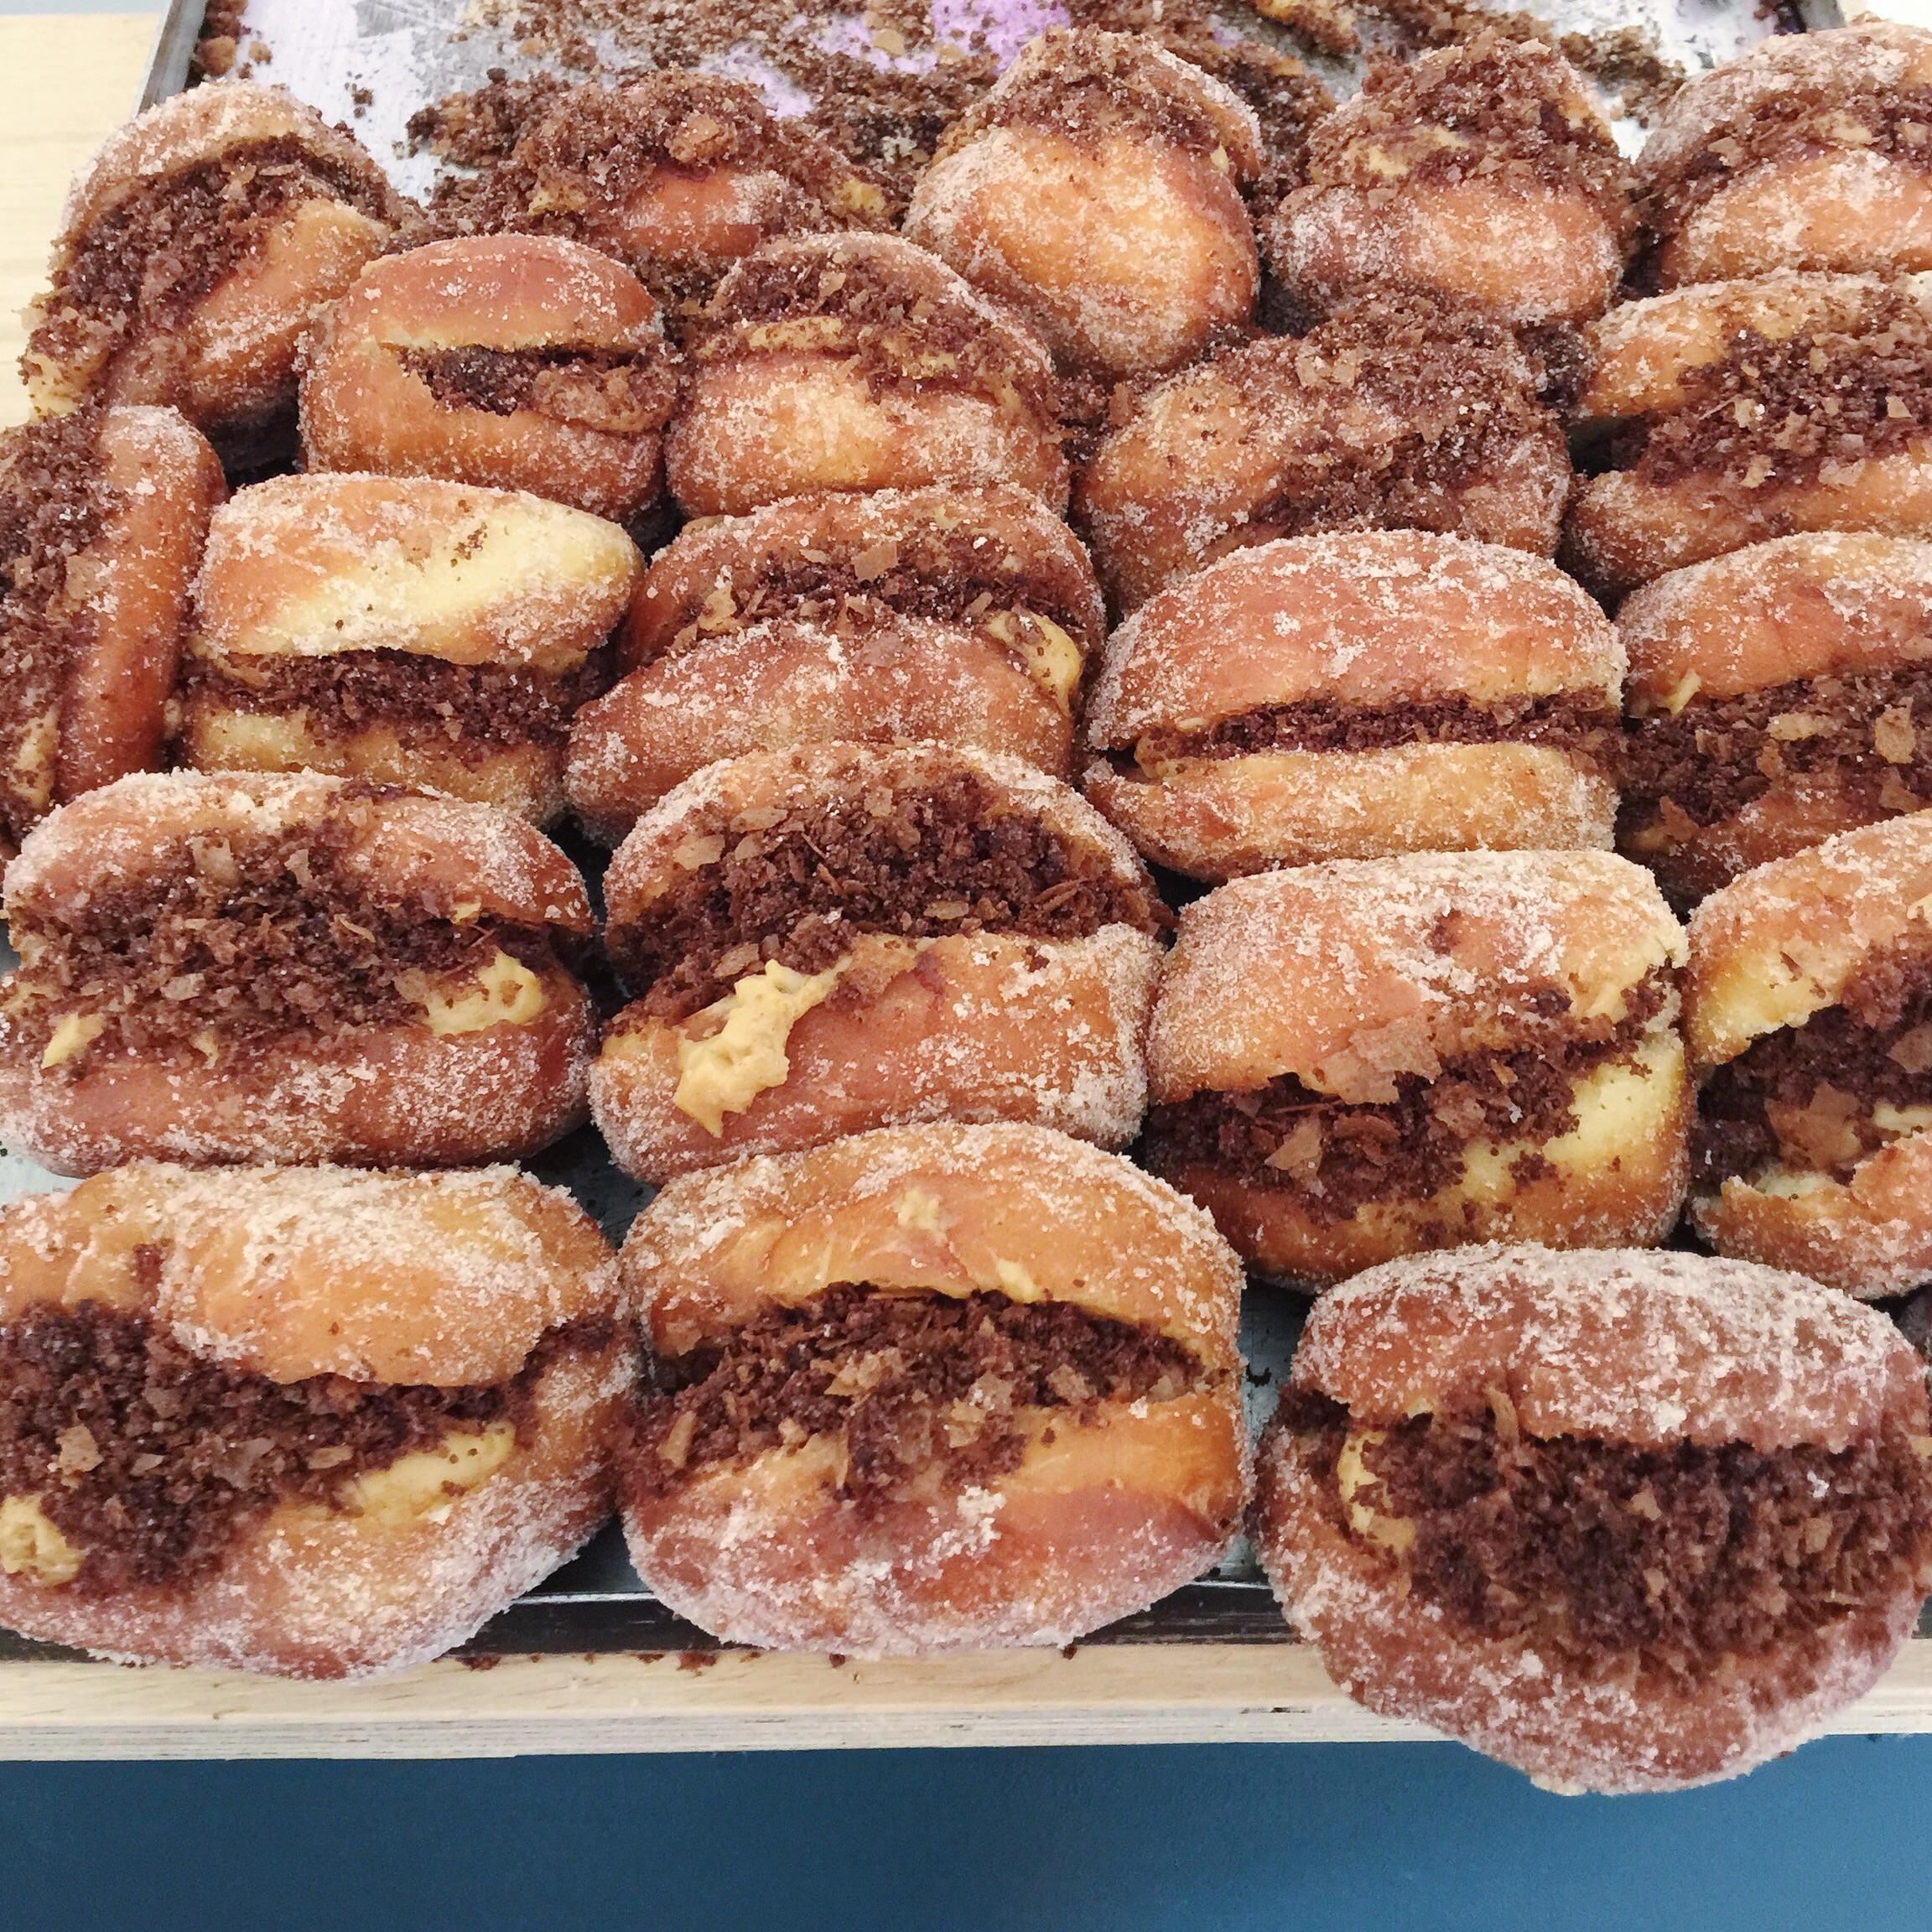 Mary Street Bakery PBJ doughnuts